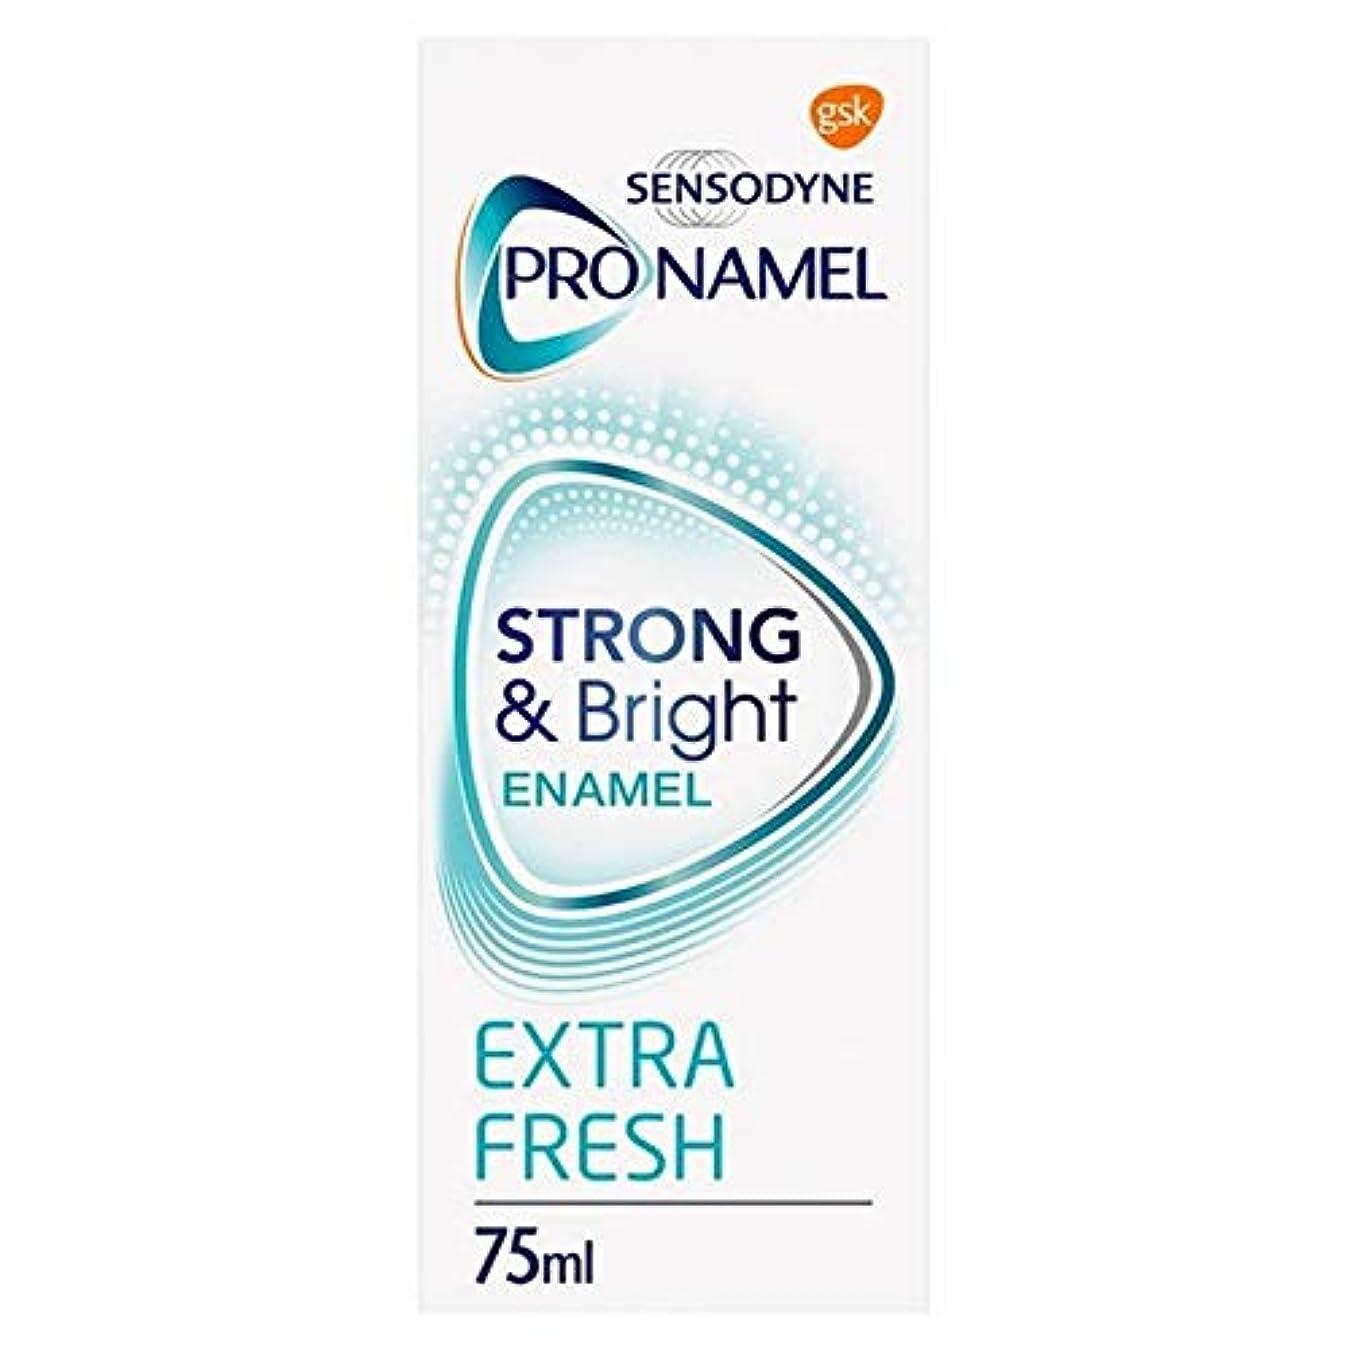 どこでも言う超音速[Sensodyne] SensodyneのPronamel強い&ブライト歯磨き粉75ミリリットル - Sensodyne Pronamel Strong & Bright Toothpaste 75ml [並行輸入品]